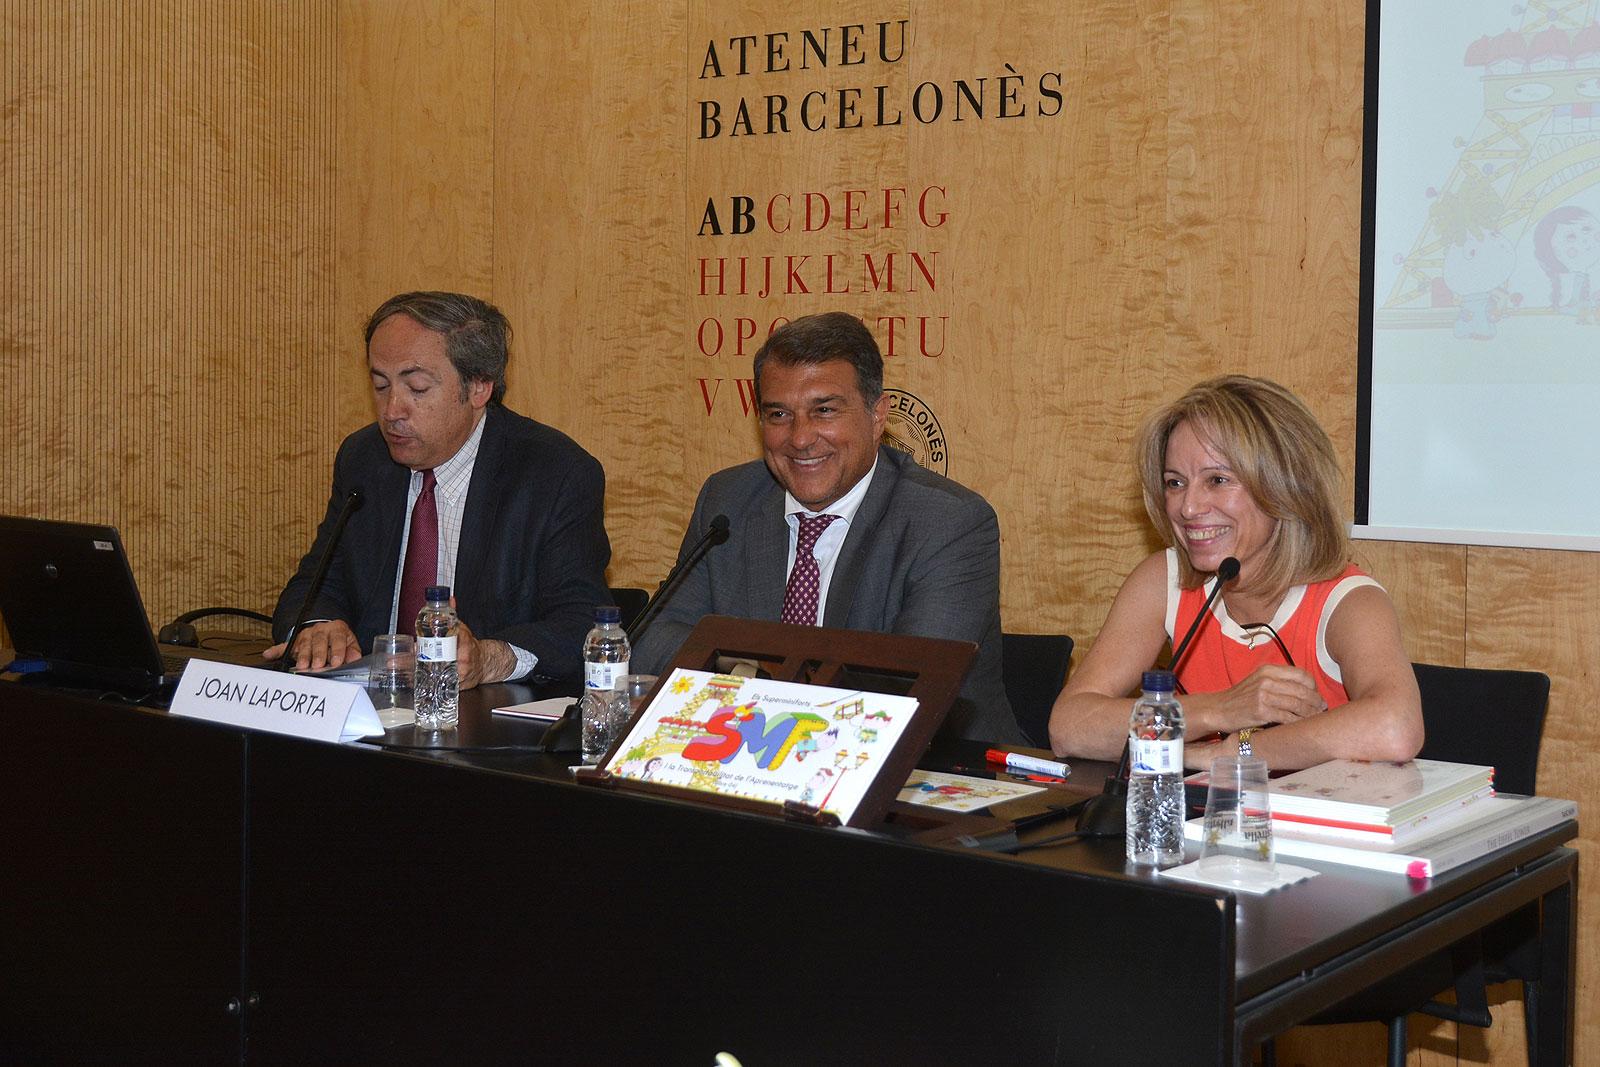 Presentació a l'Ateneu Barcelonès - Juny 2017 (foto 4)